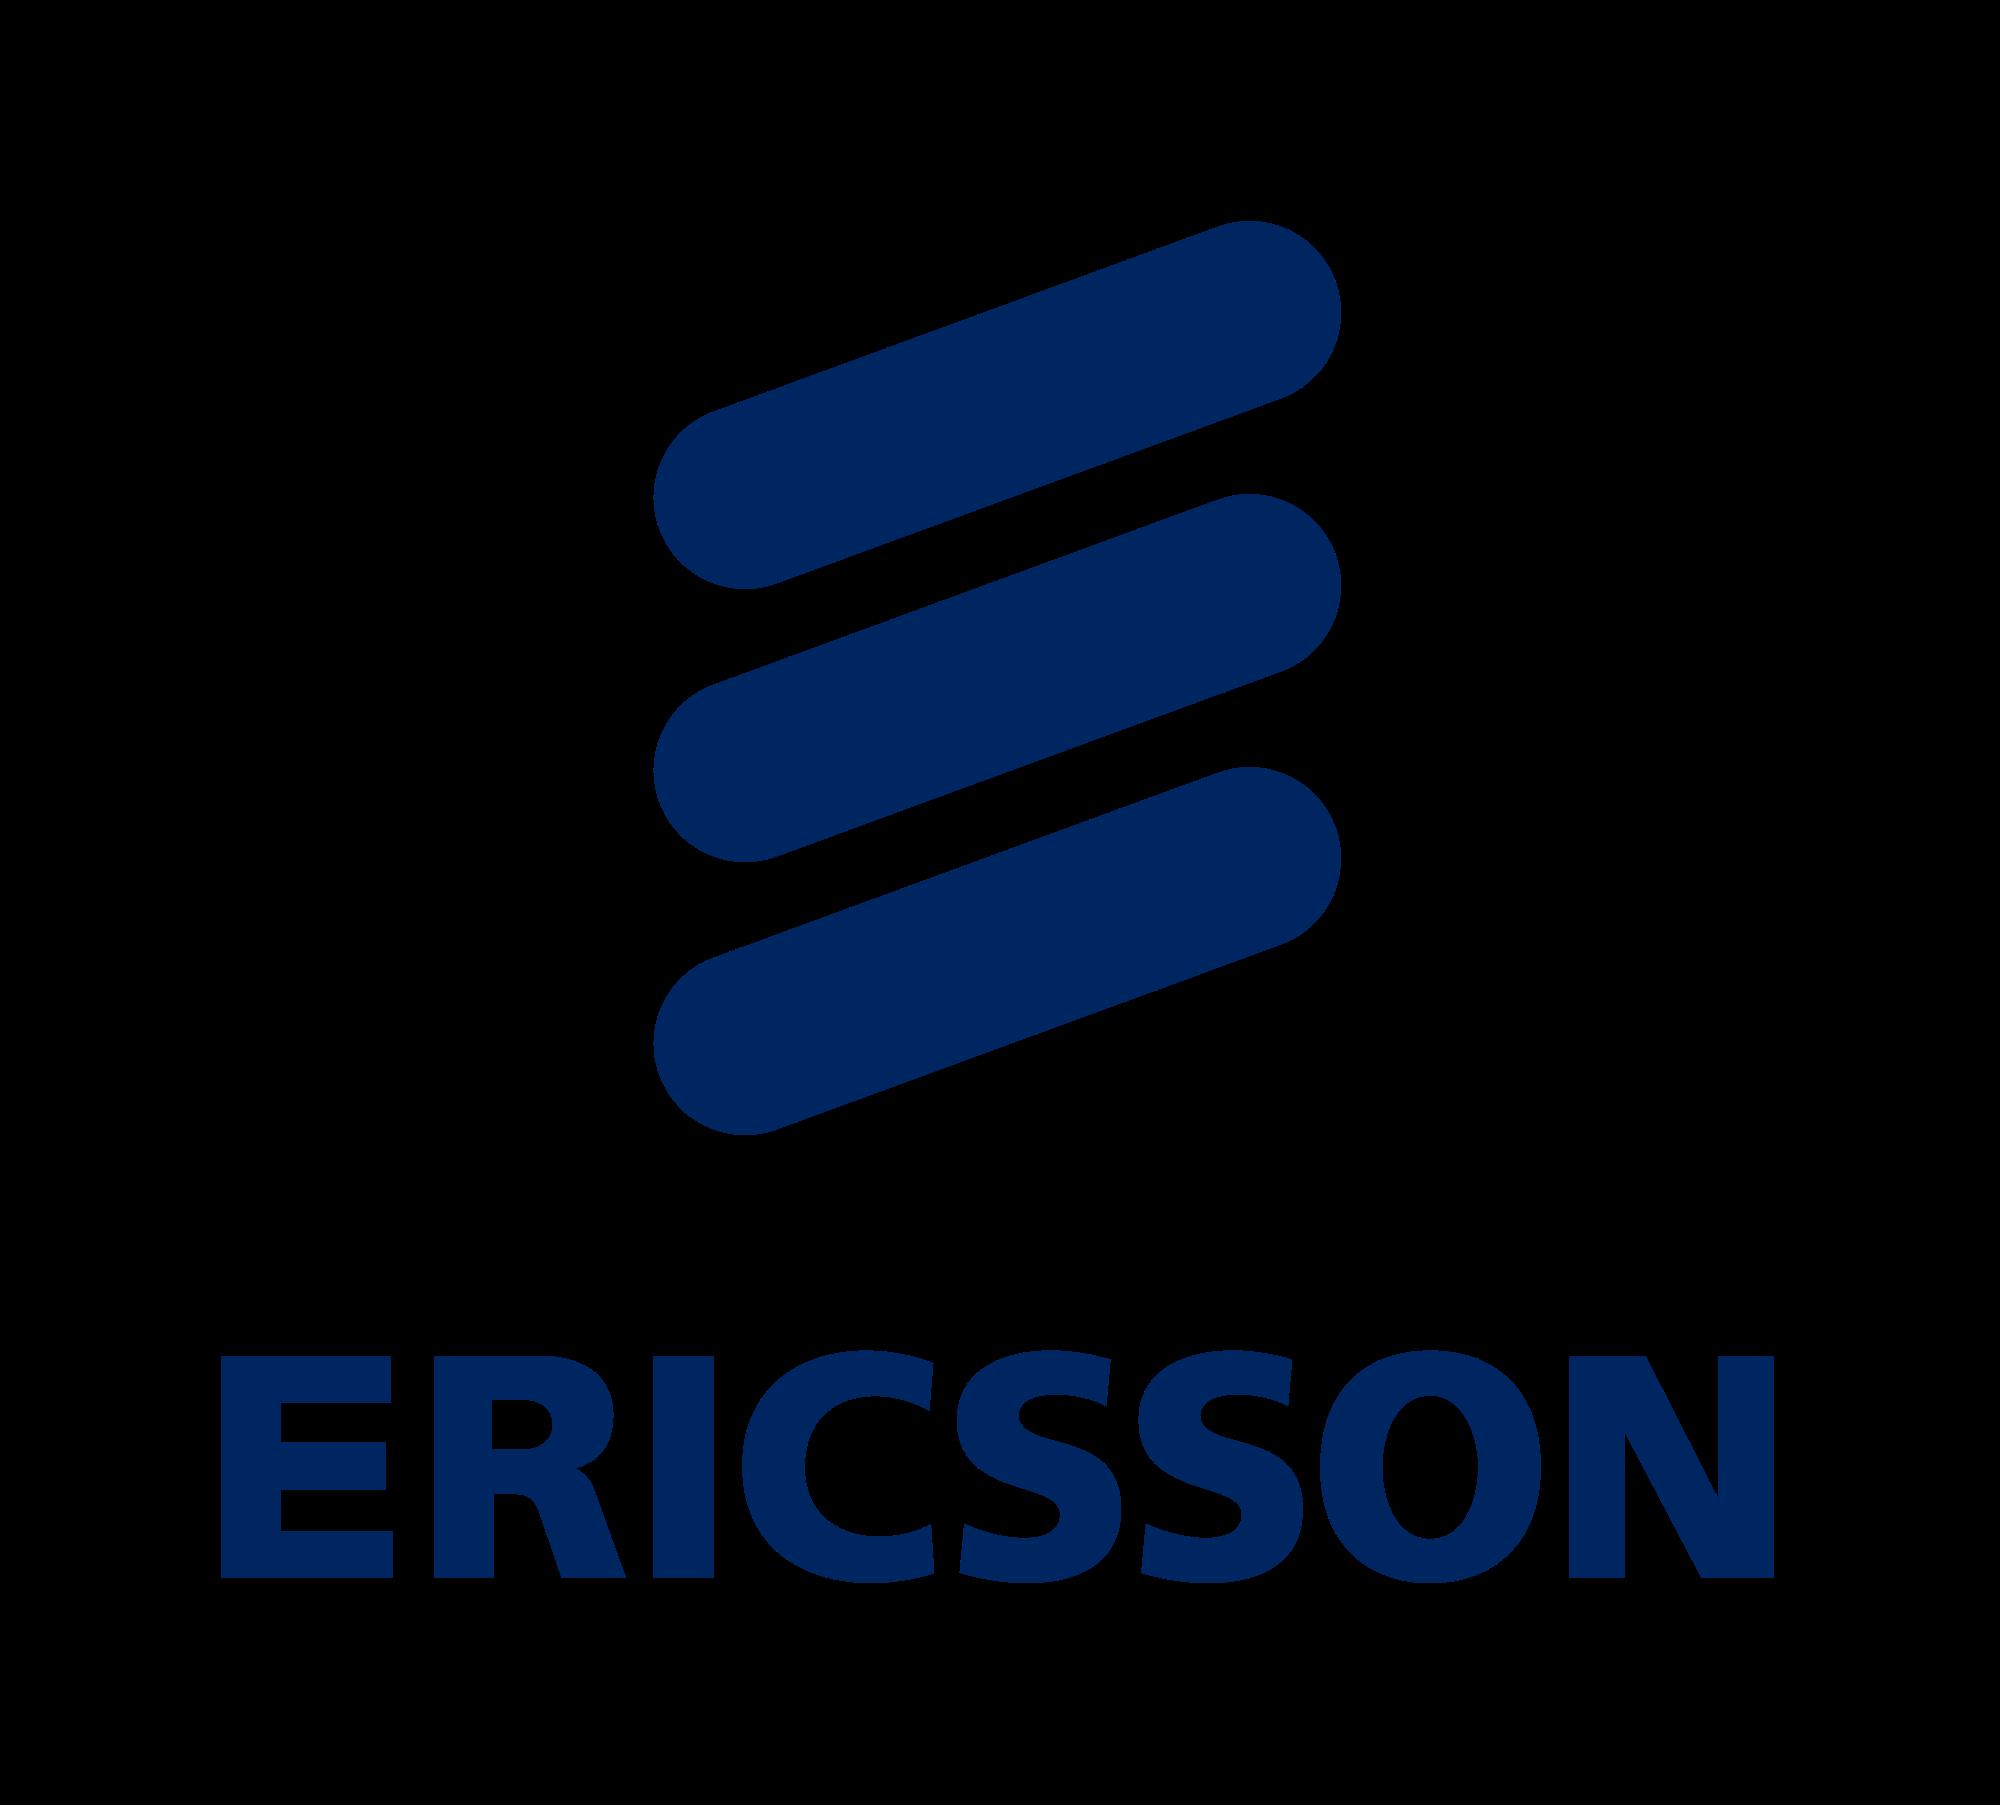 Ericsson Swiss